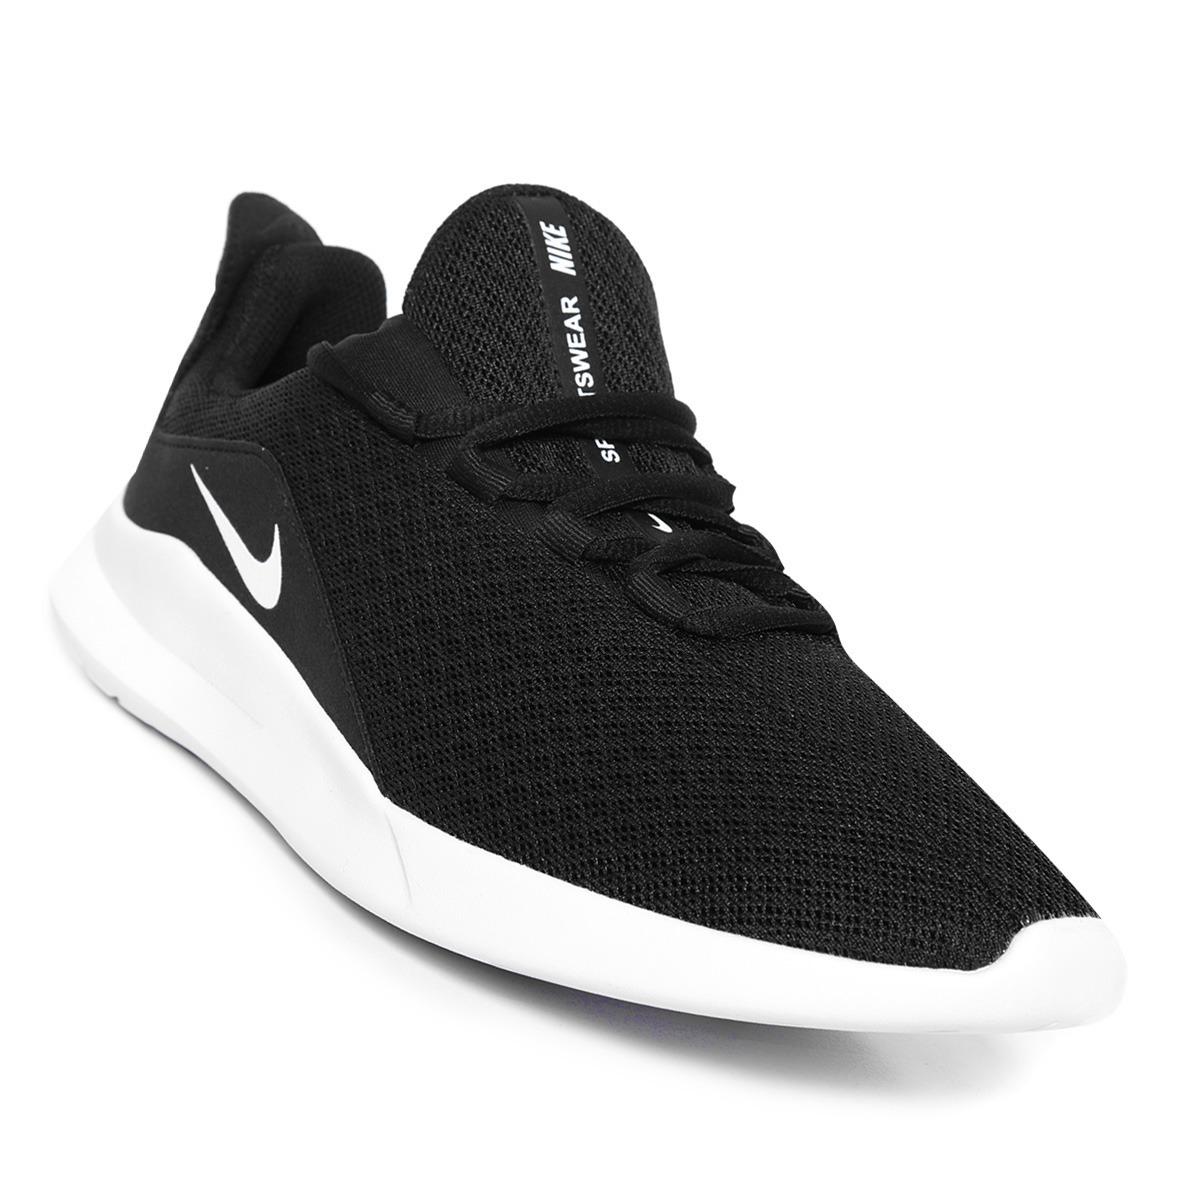 7052072711fb8 Tenis Nike Viale Para Mujer Color Negro 2651965 -   1